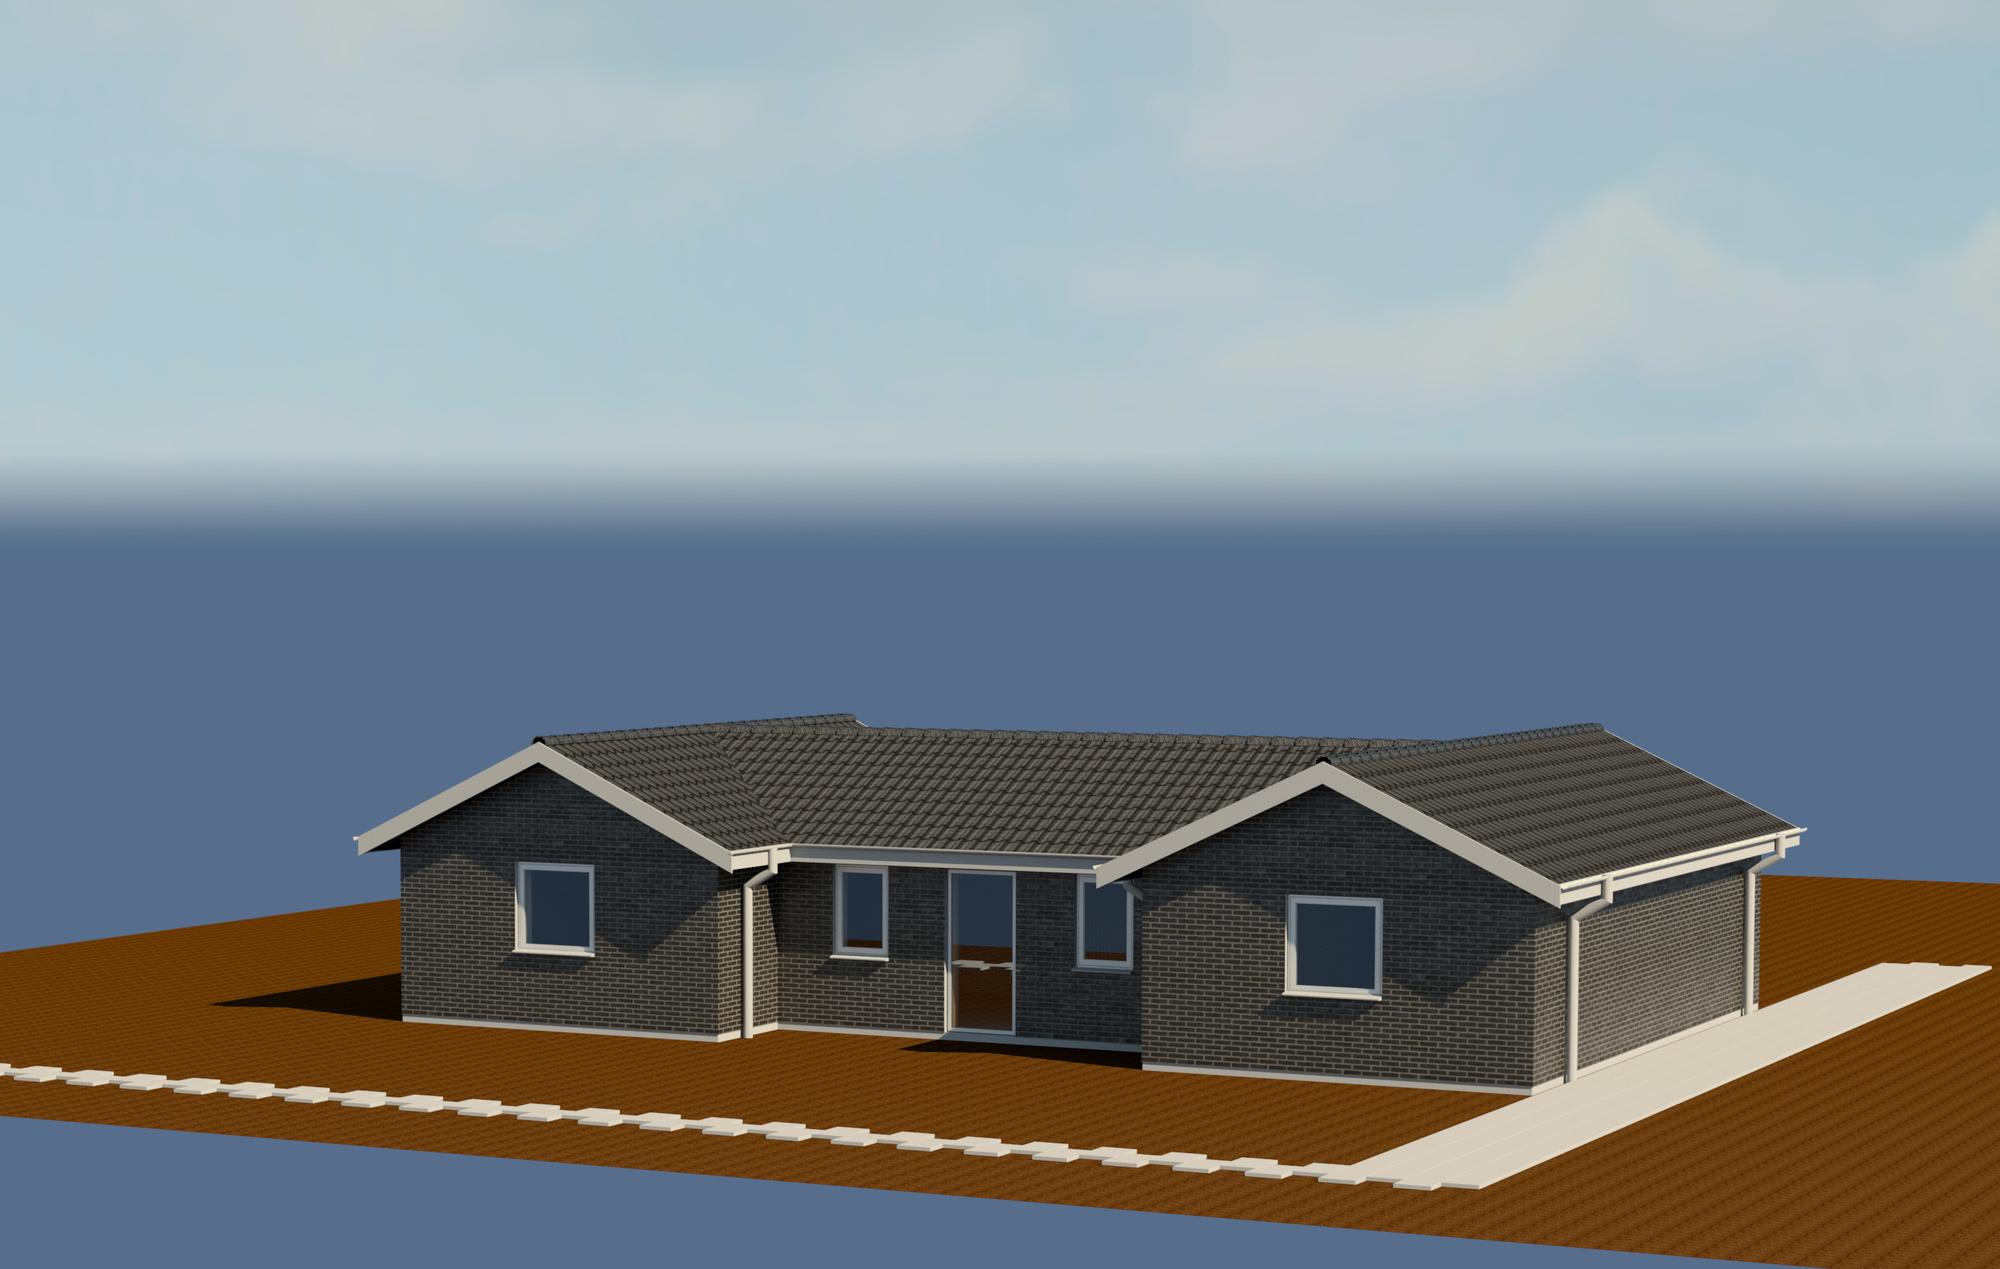 Raas-rendering20150324-31242-1mtwj7z